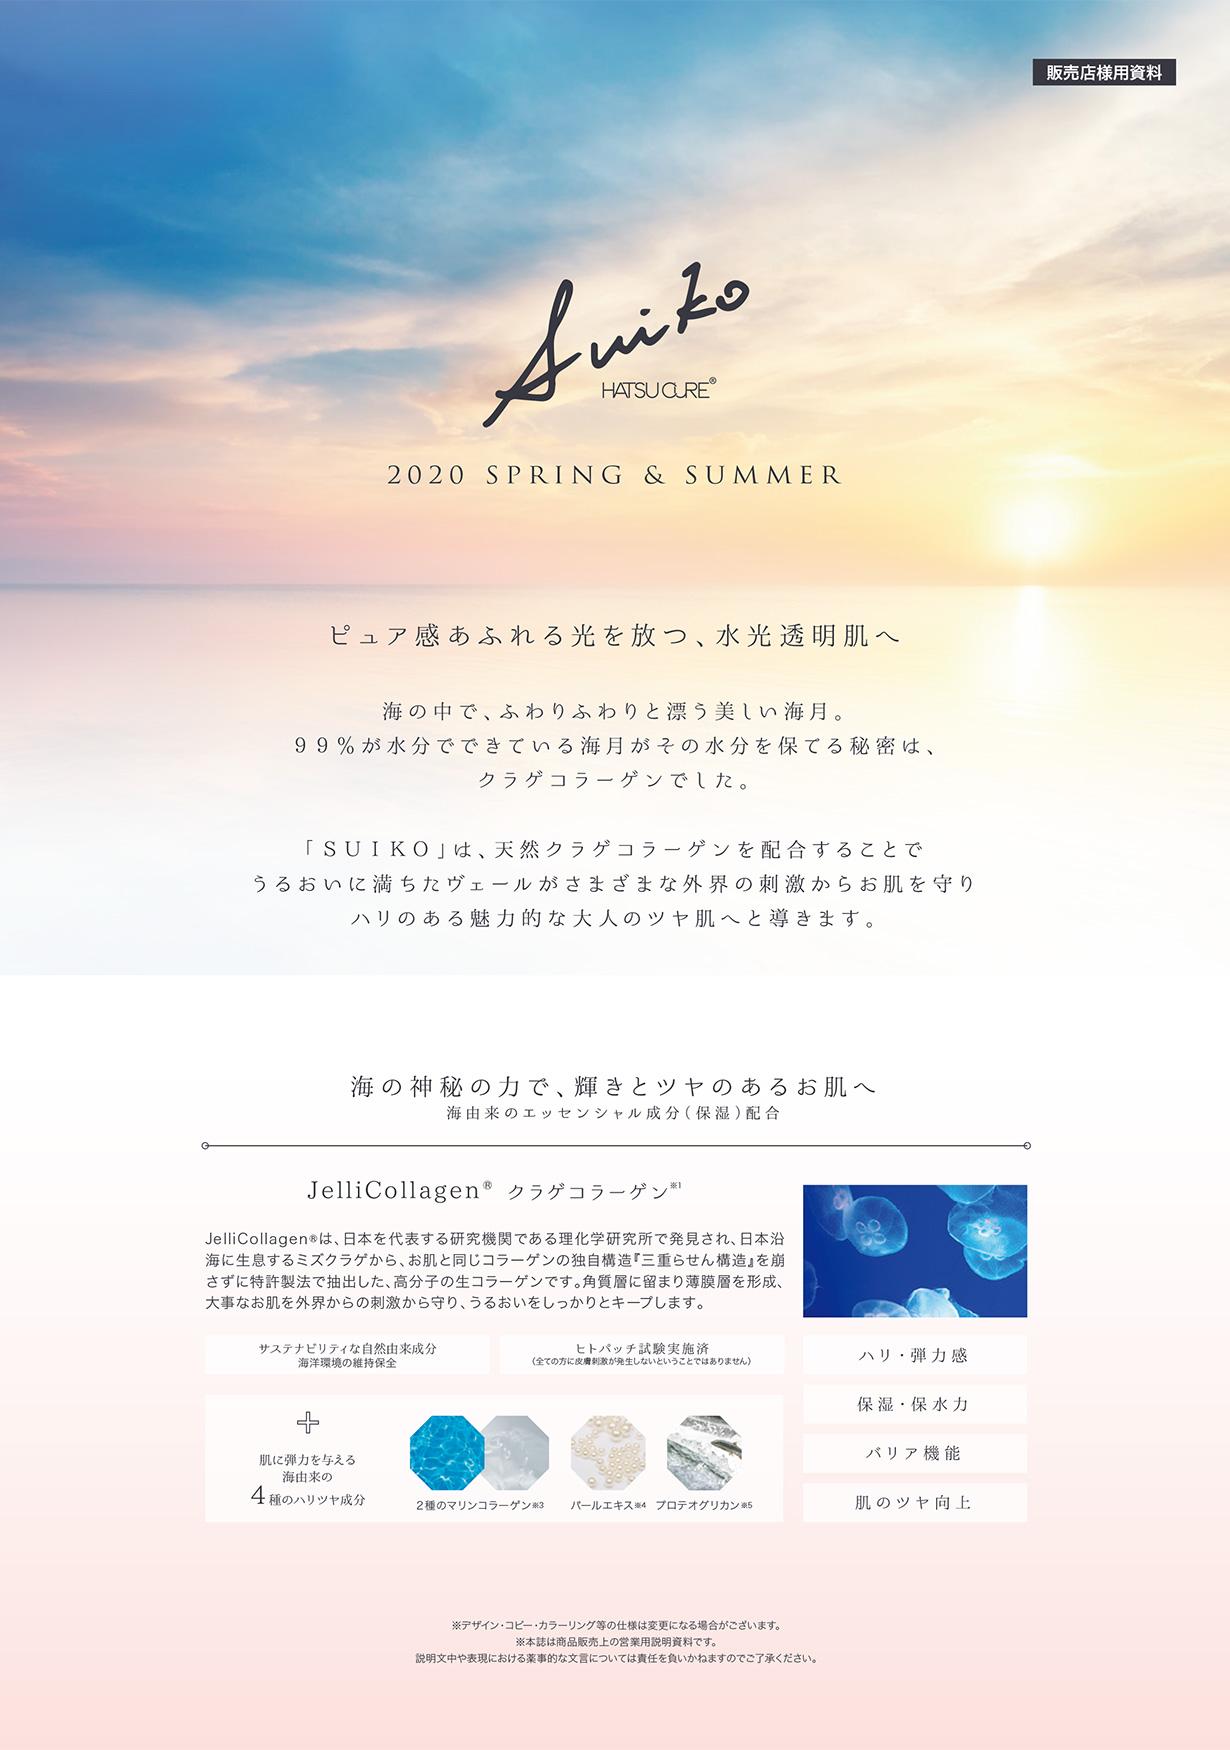 【規定書】SUIKO HATSUCURE 2020 SPRING & SUMMER(1)